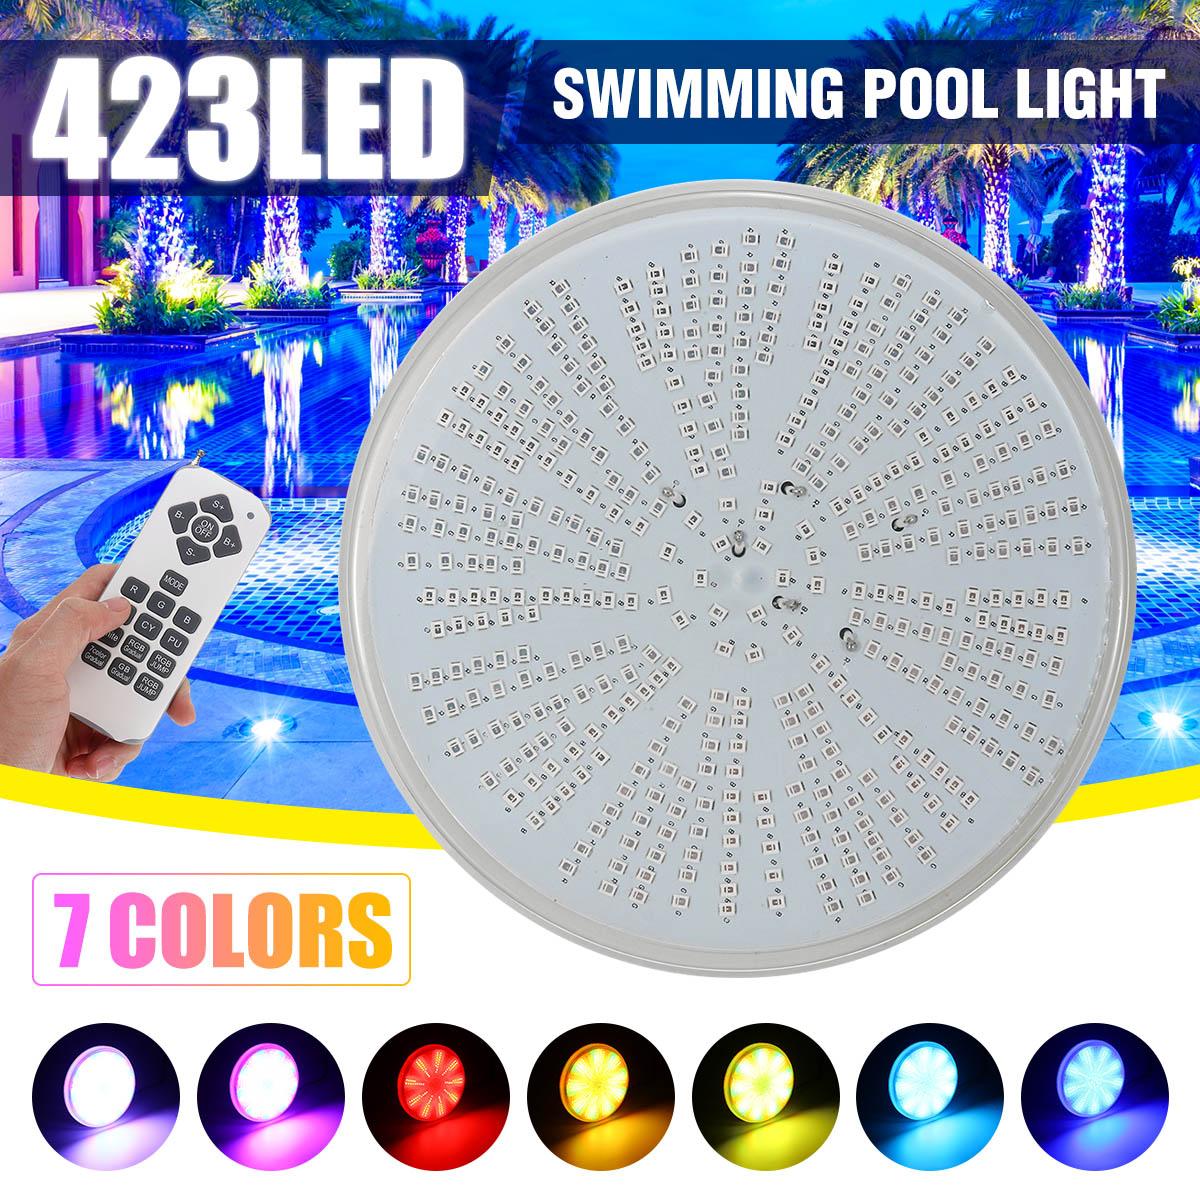 Oświetlenie do basenu Led 423leds AC/DC12V RGB żywica wymiana PAR56 lampa wodoodporna IP68 wielokolorowy 2m drut podwodne lampy